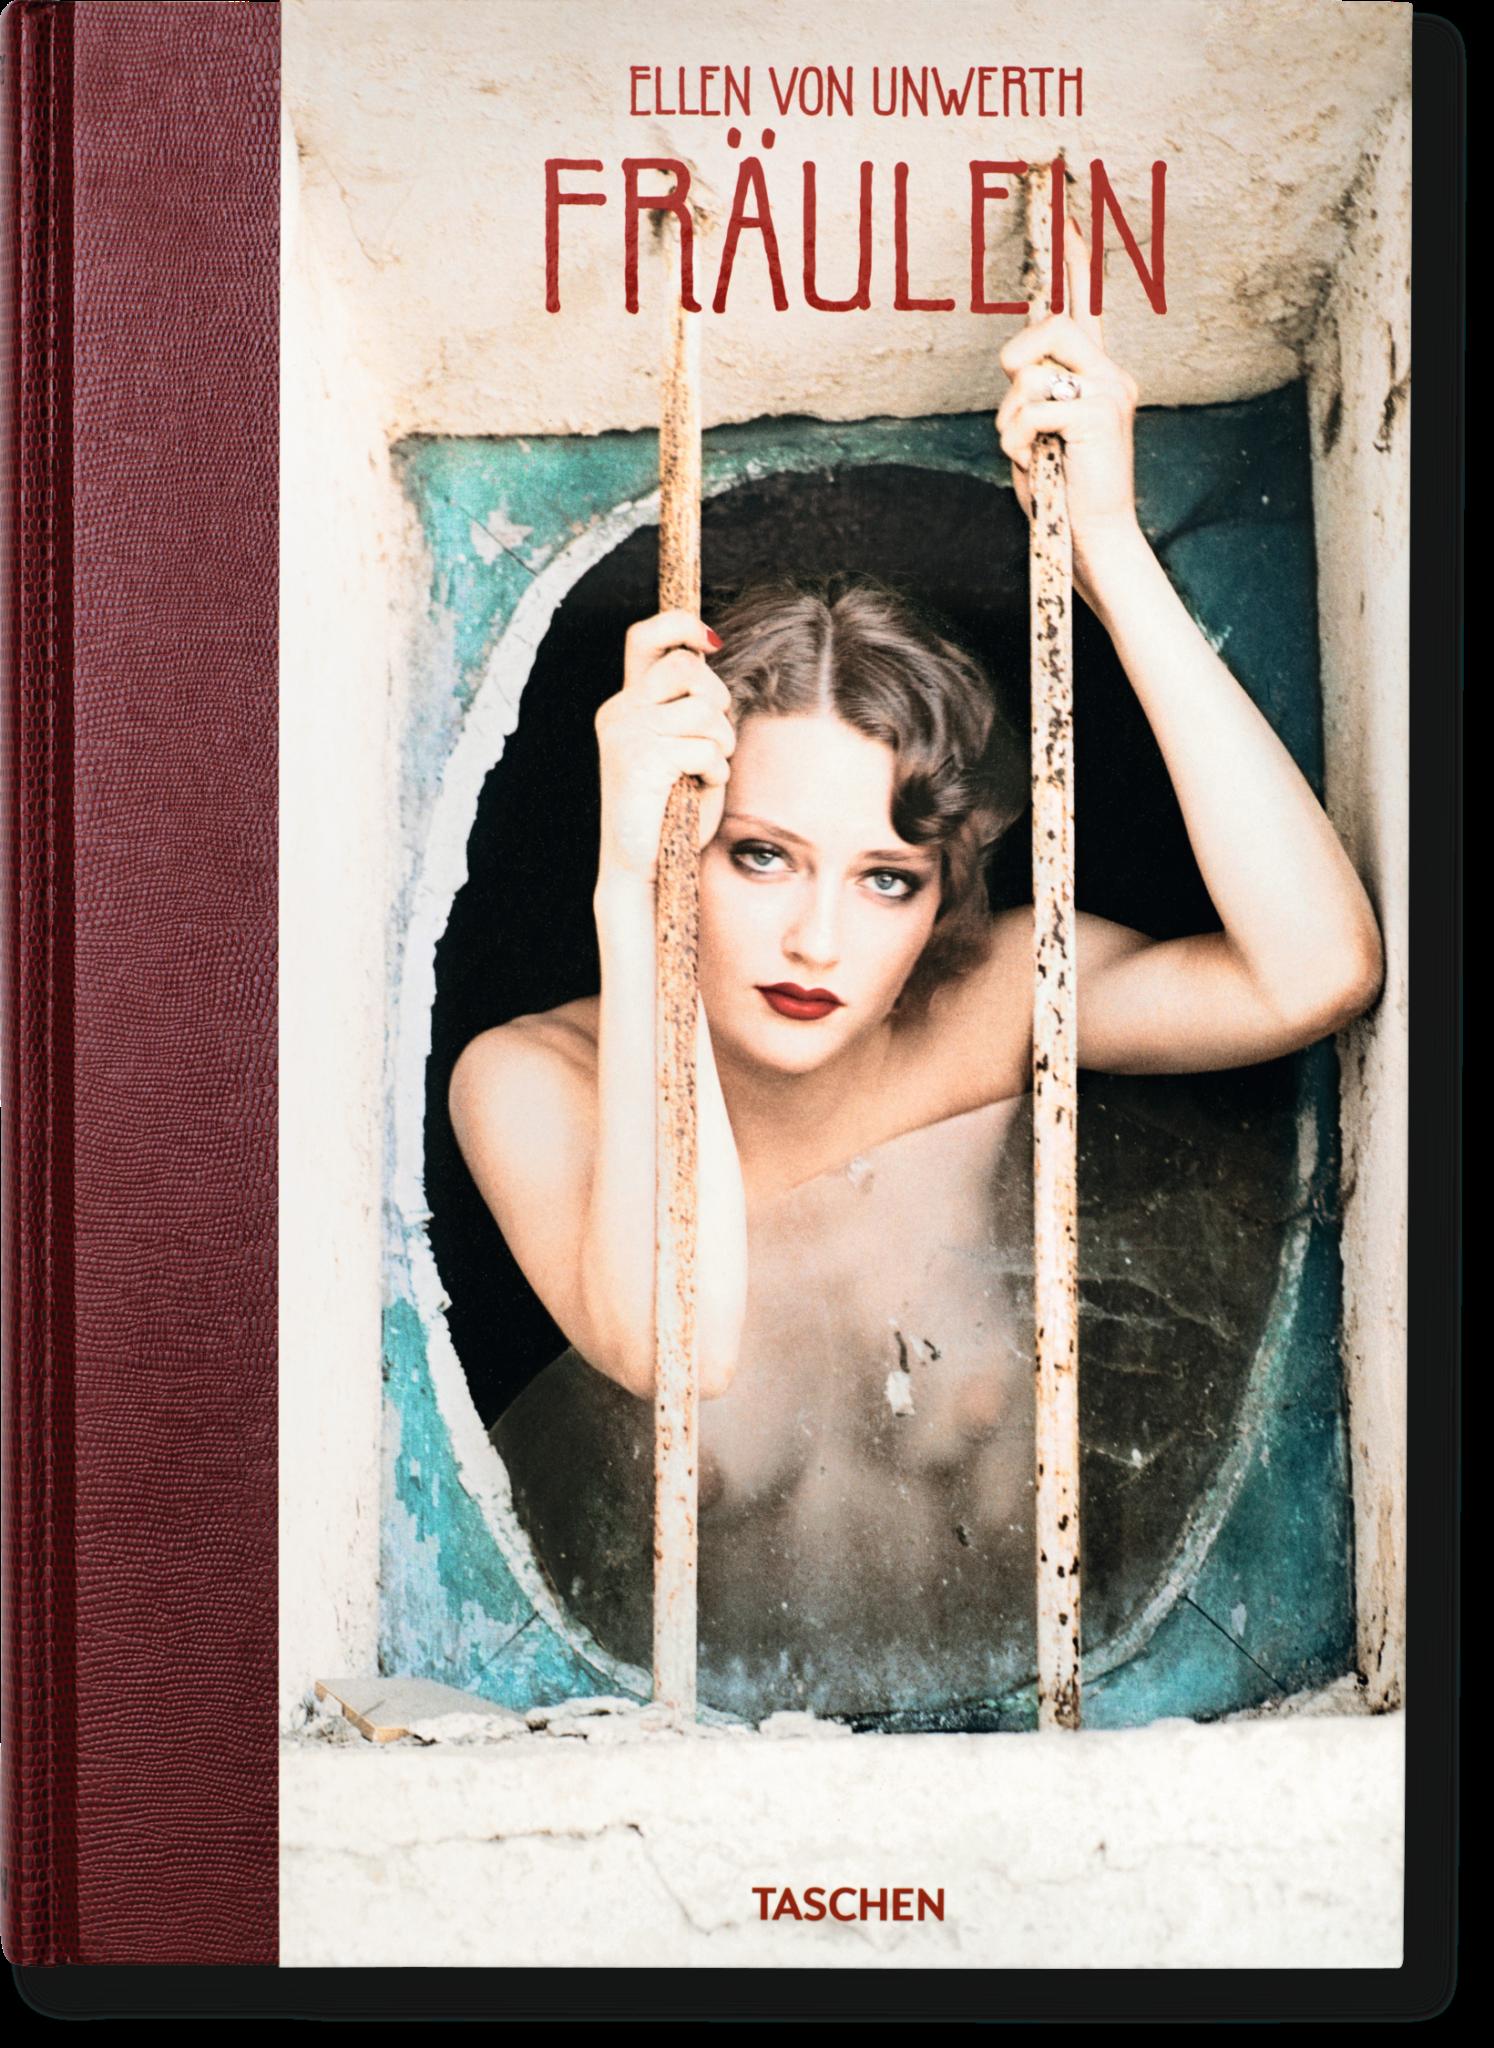 Fräulein – Book